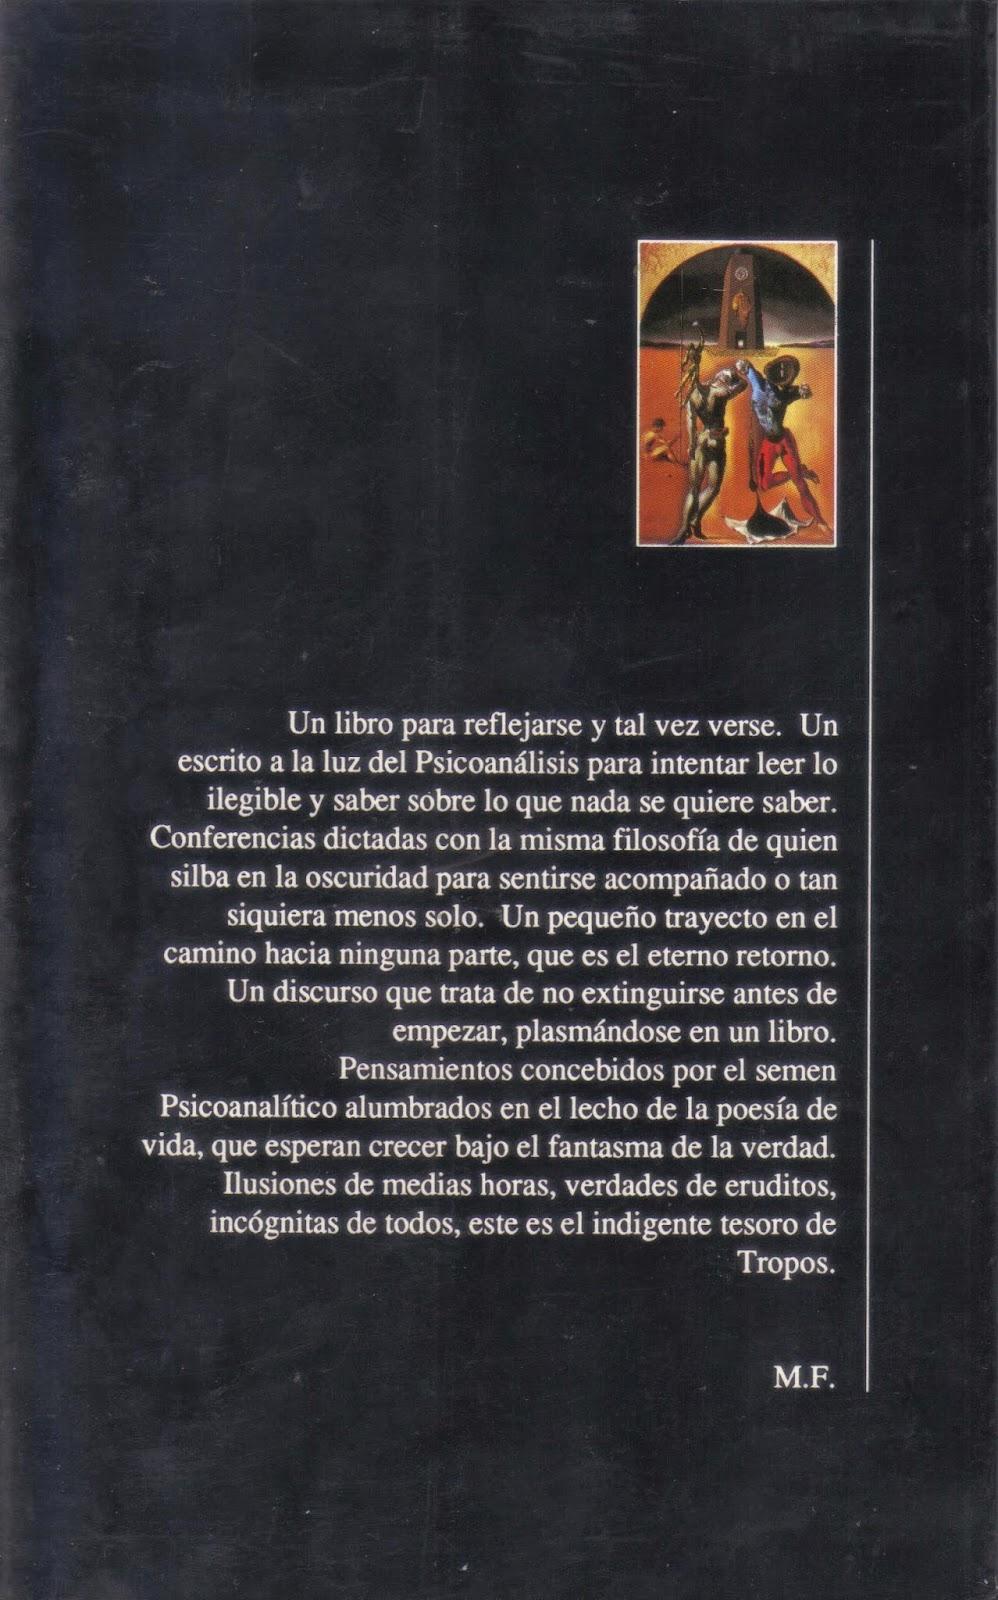 Contraportada del libro TROPOS de Mario Fattorello